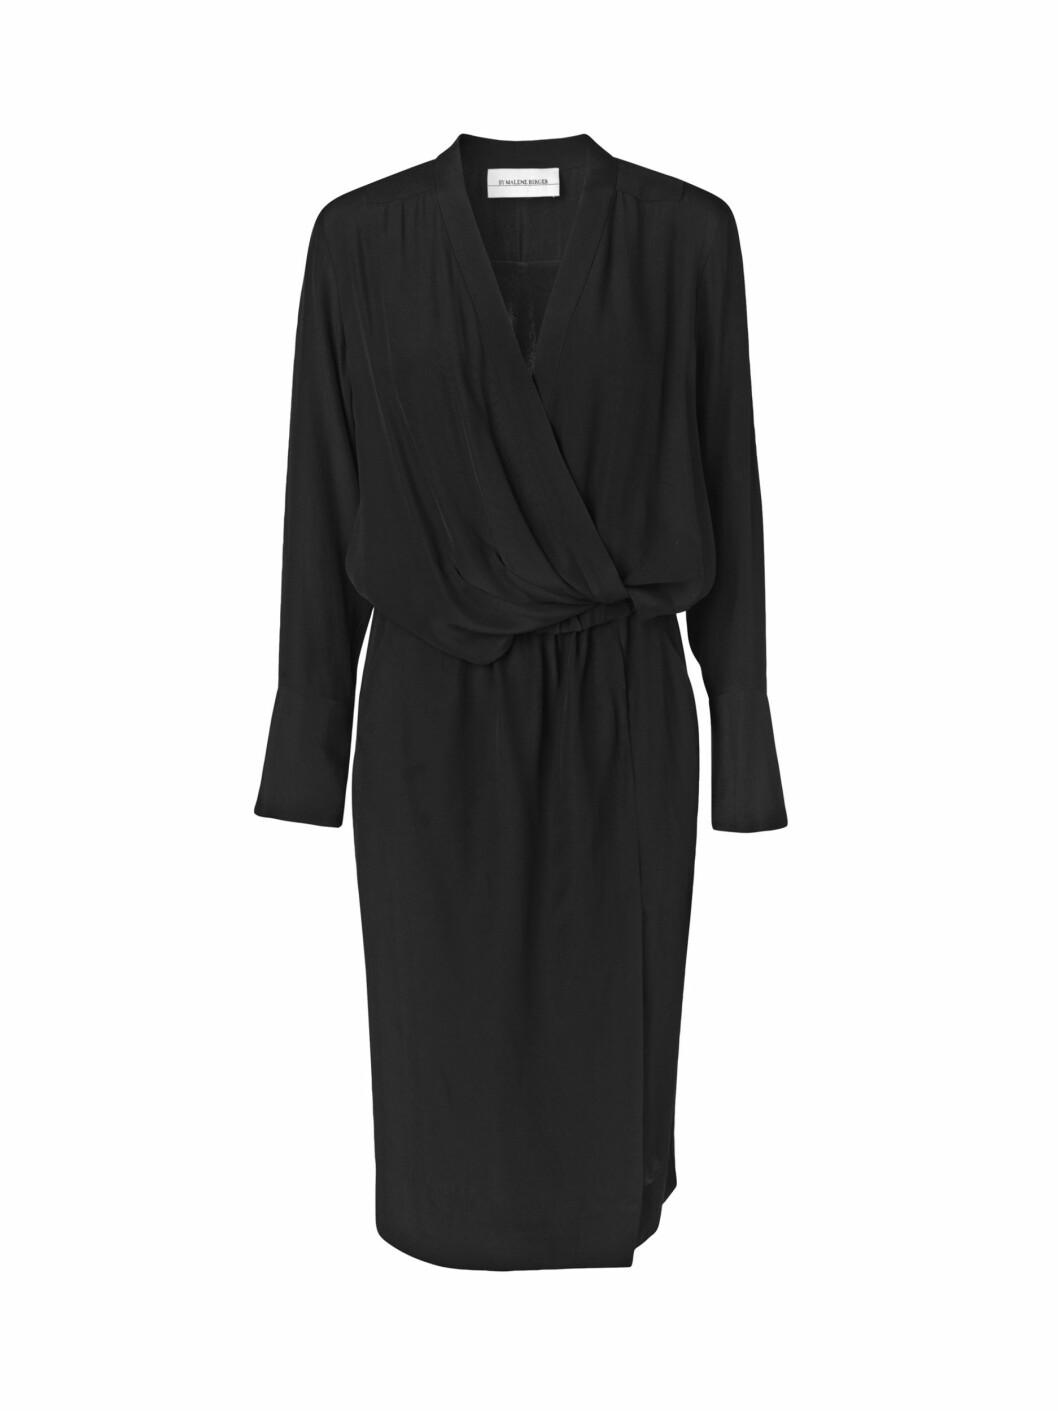 Kjole fra By Malene Birger, kr 2700. Foto: Produsenten